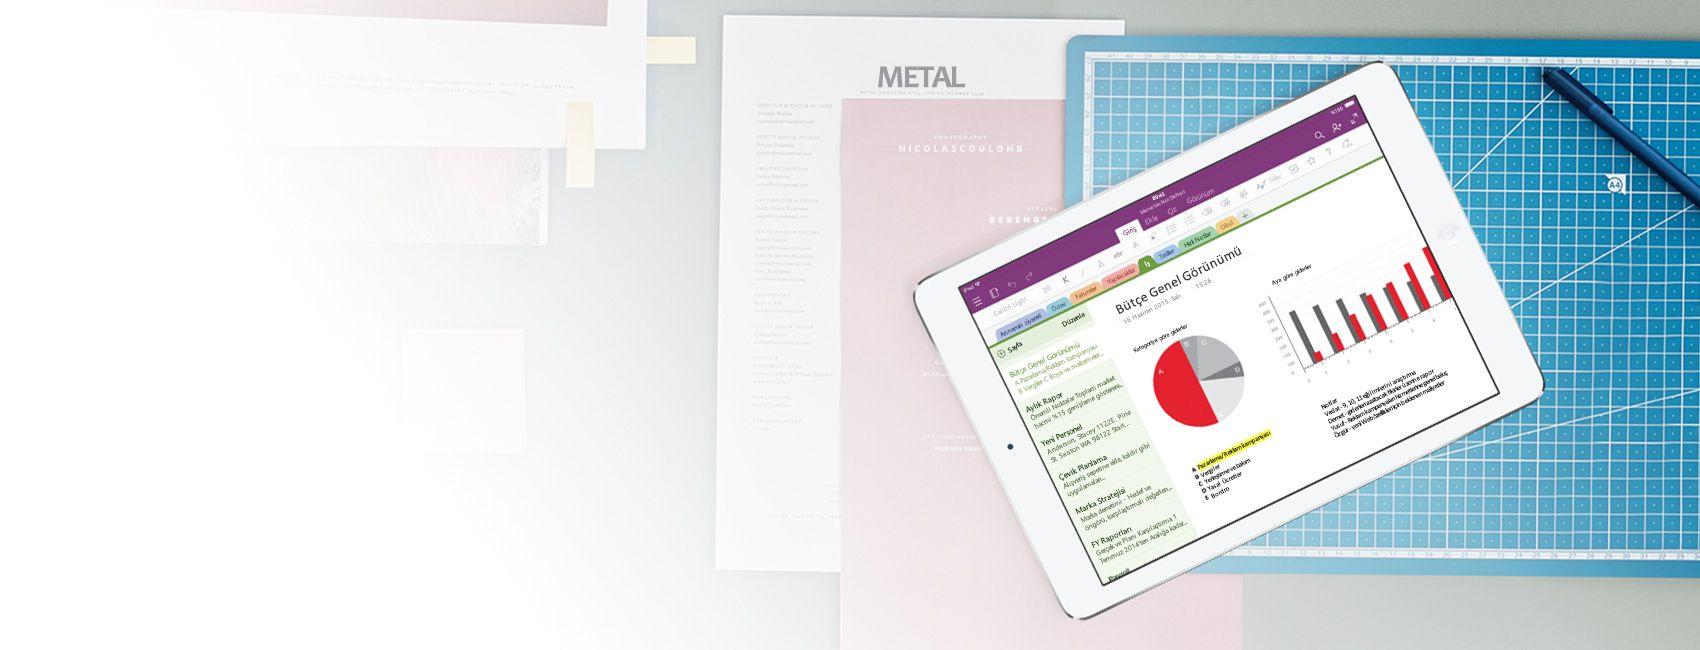 Bütçe genel bakış çizelge ve grafikleri bulunan bir OneNote not defteri görüntülenen iPad